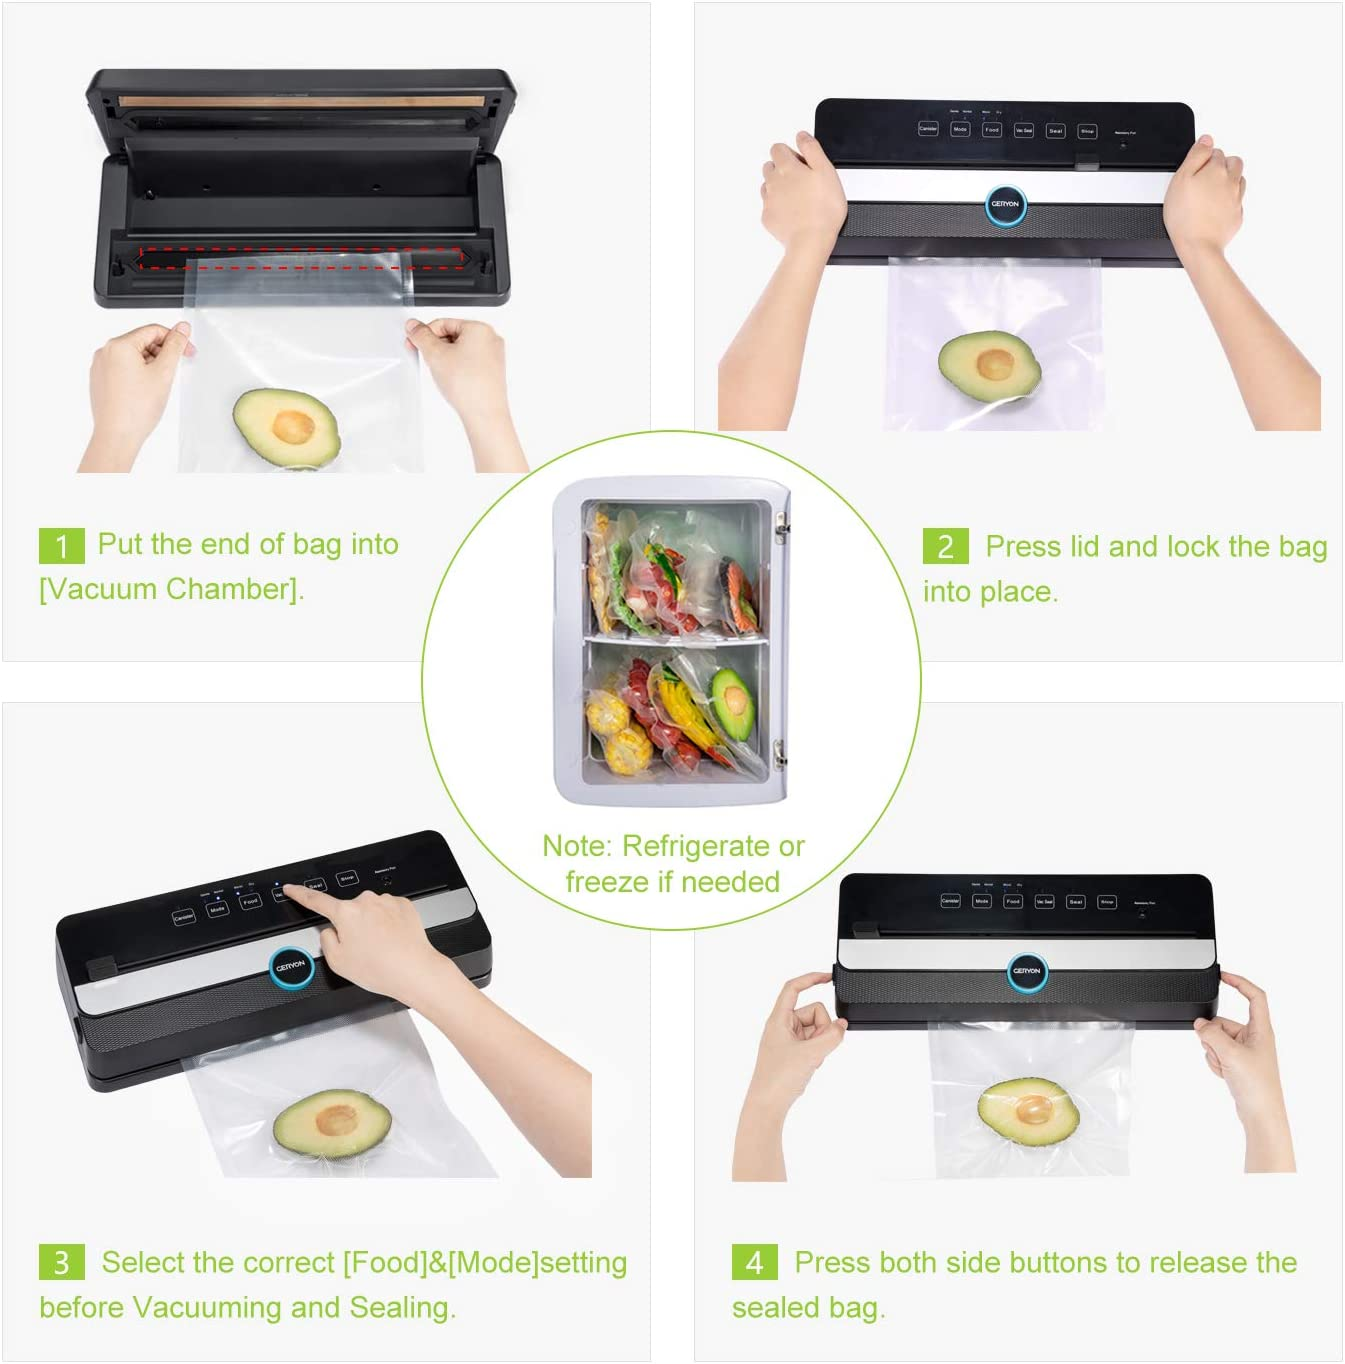 GERYON E2901-M Appareil de Mise sous Vide Alimentaire avec Coupeur LED Indicateur Scelleuse Emballeuse Portable pour Aliments Secs et Humides Machine sous Vide Automatique